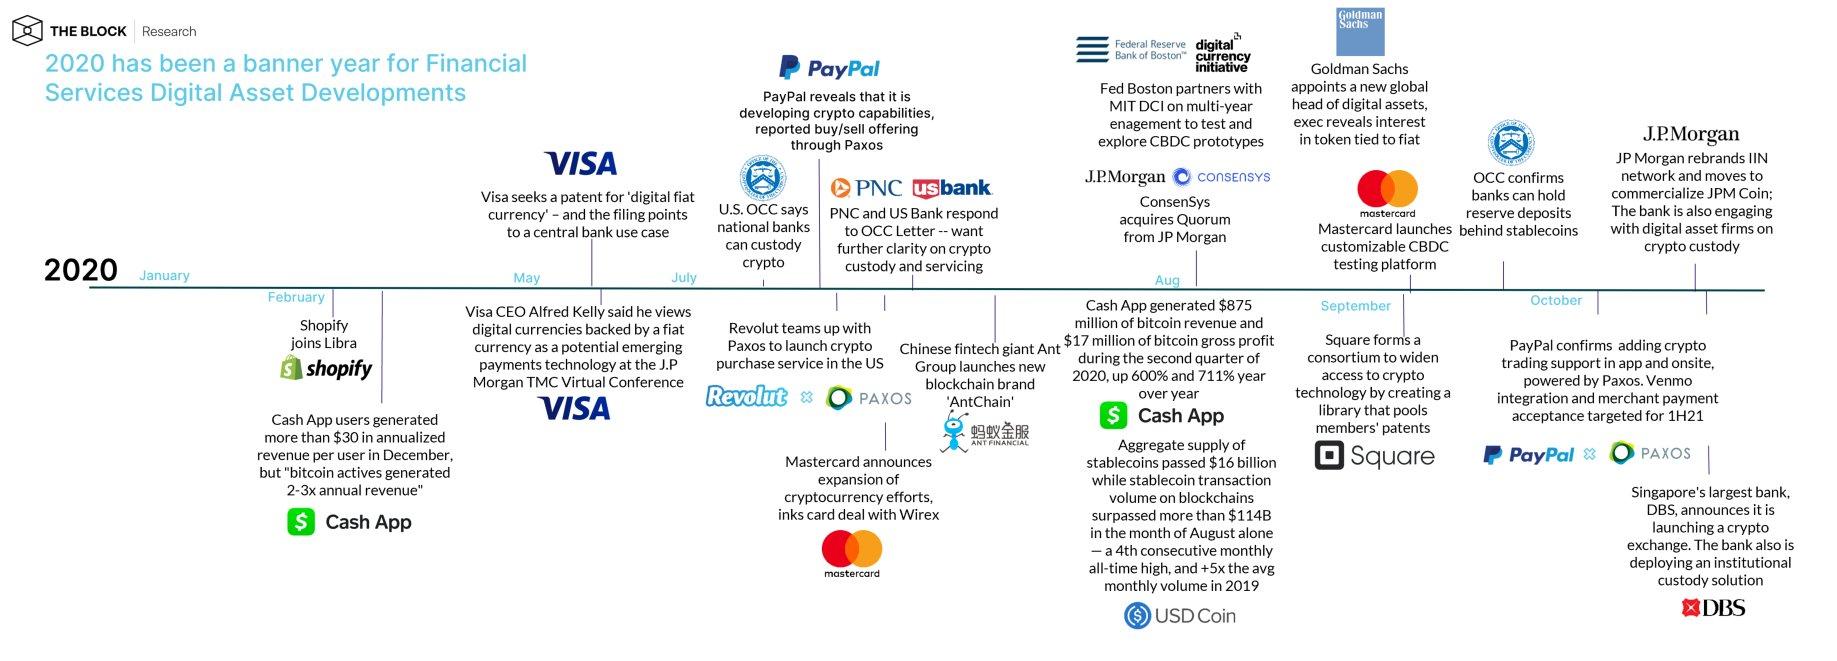 ไทม์ไลน์การมีส่วนร่วมของบริษัทฟินเทคในแวดวงคริปโต ตั้งแต่ต้นปี 2020 จนถึงปัจจุบัน